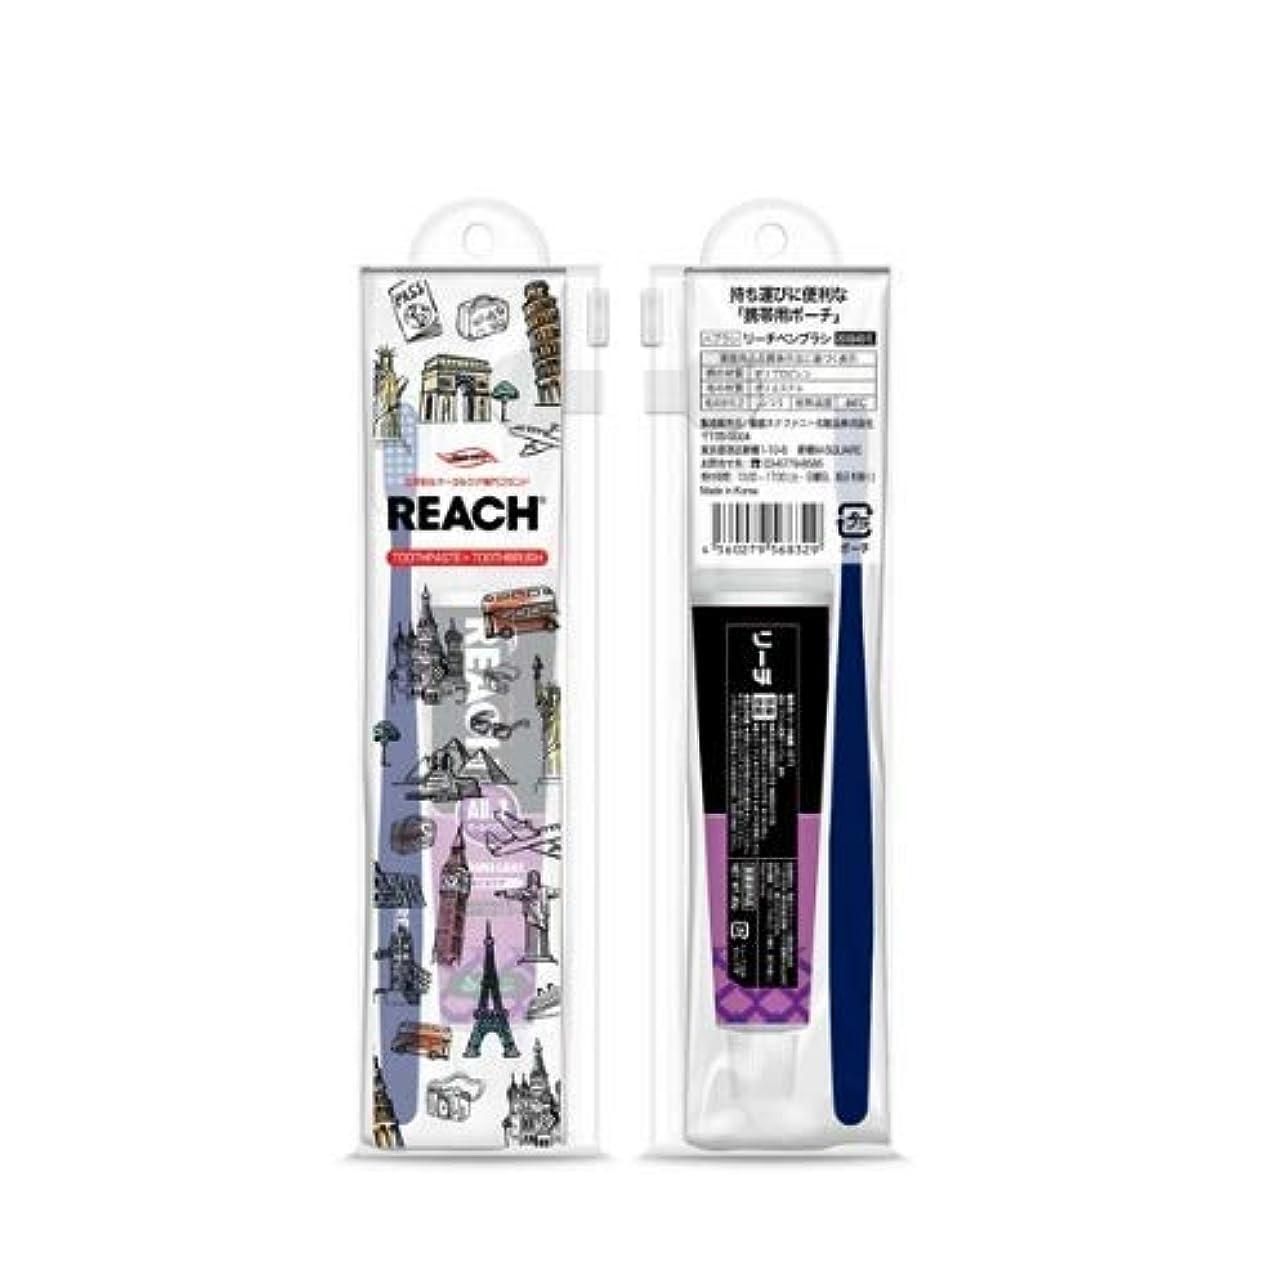 パートナーカナダ方法リーチトラベルセット(デンタル歯ブラシ1本?薬用歯みがき40g) × 6個セット